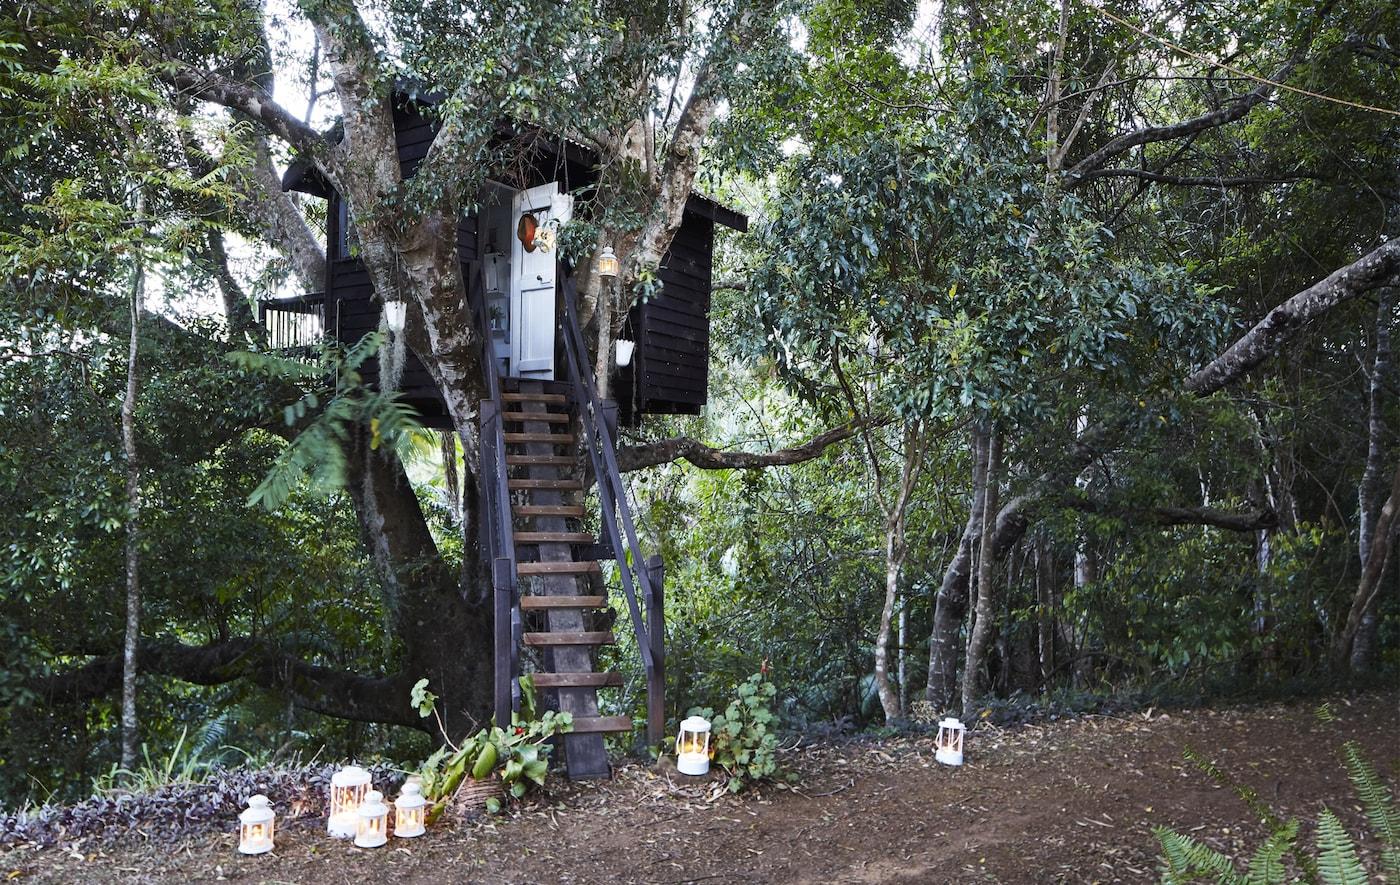 Una casa en un árbol en el jardín de Margaret con farolillos blancos en la parte inferior de la escalera.